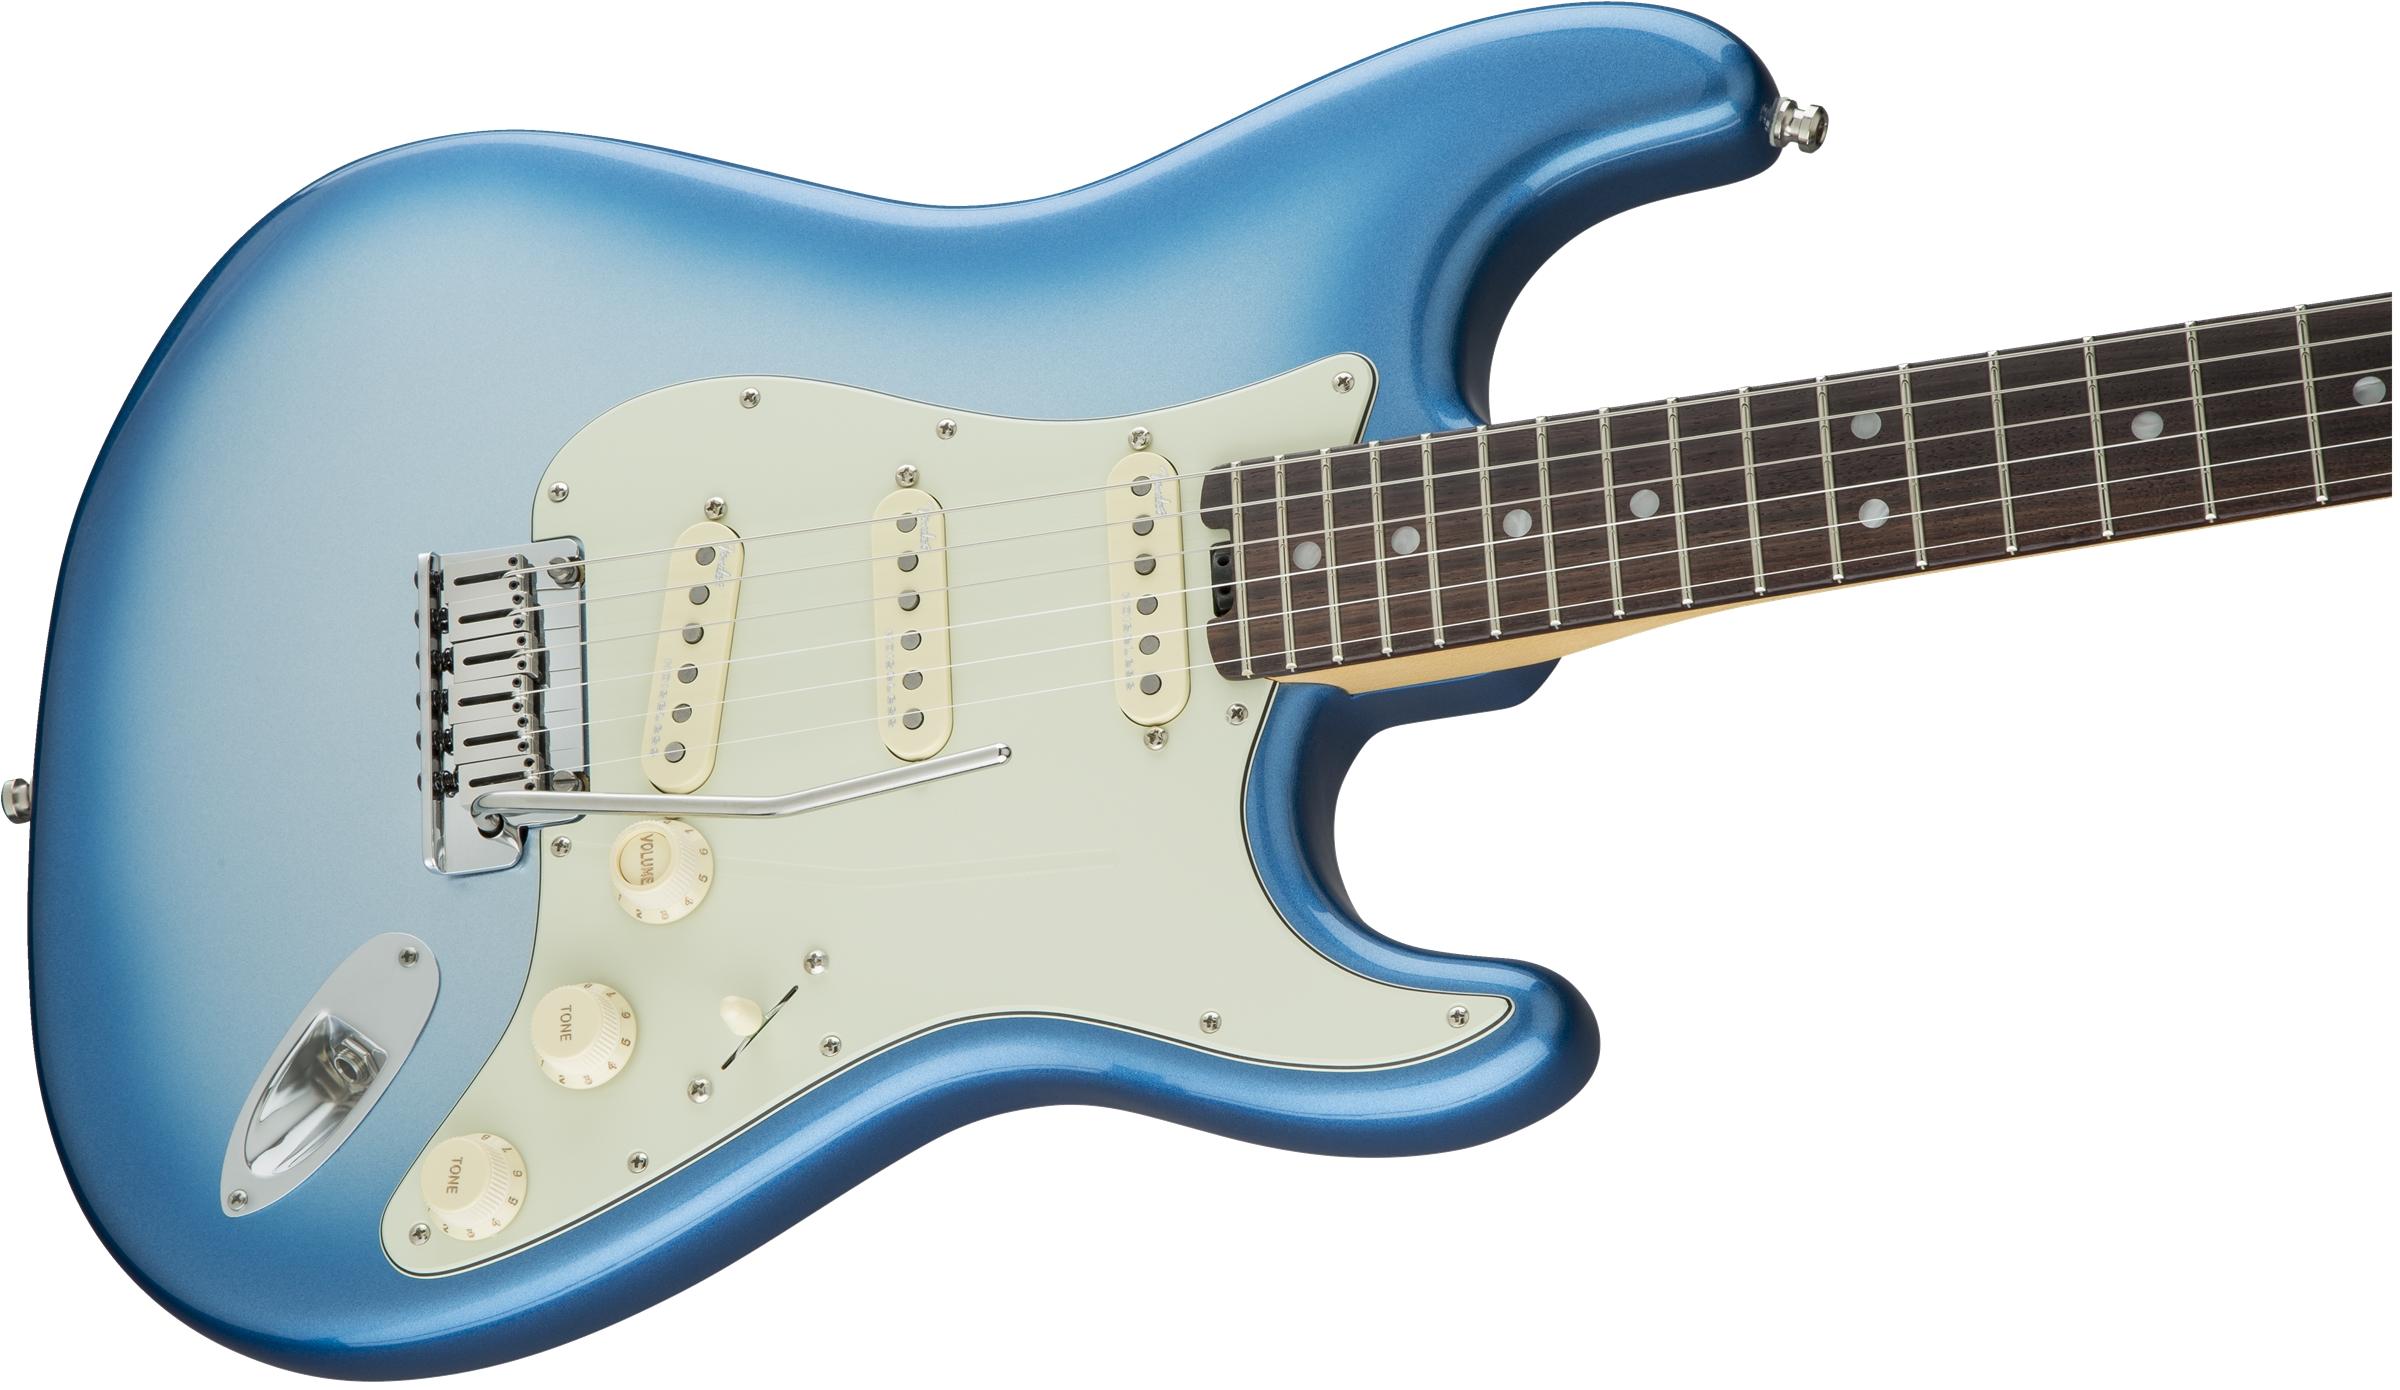 Fender American Elite Stratocaster 174 Rosewood Fingerboard